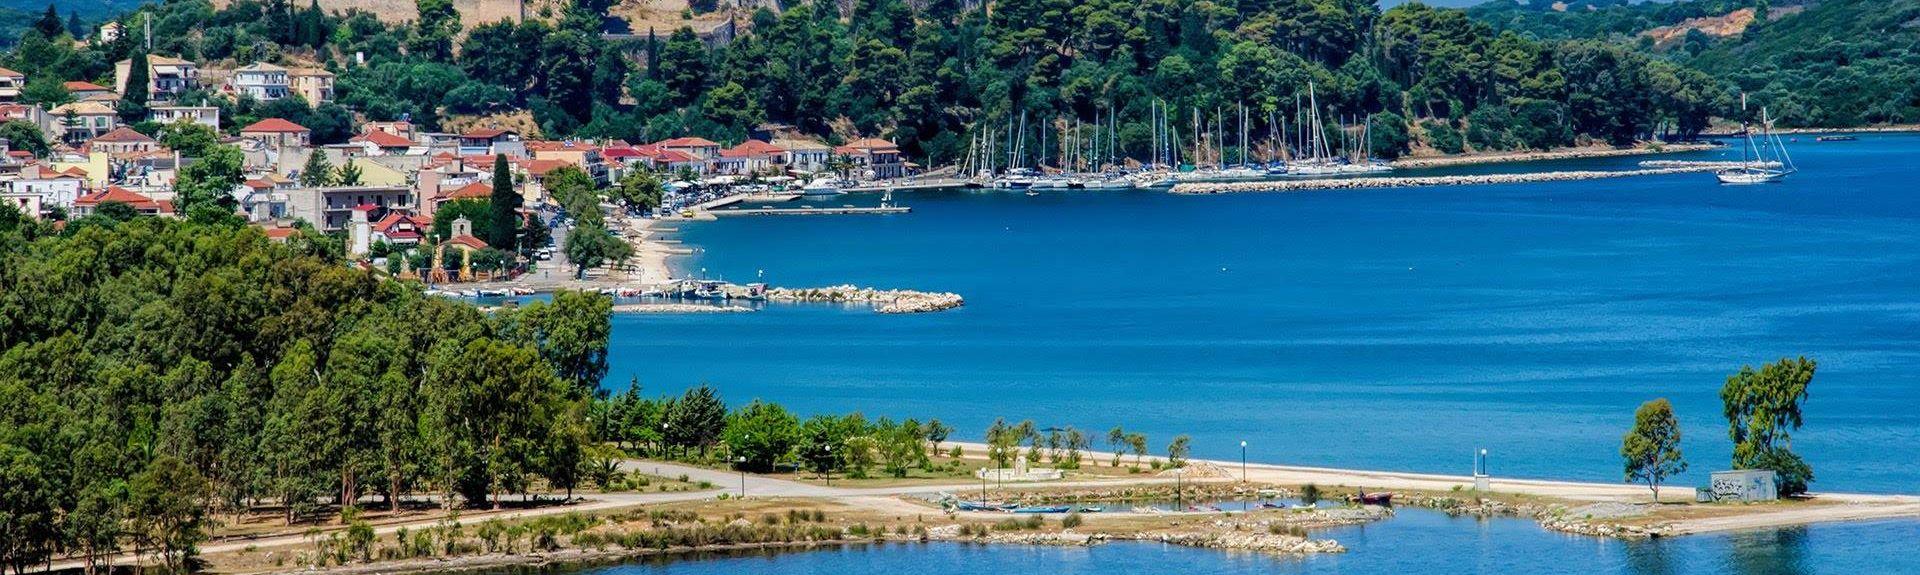 Amfilochia, Peloponeso, Grécia